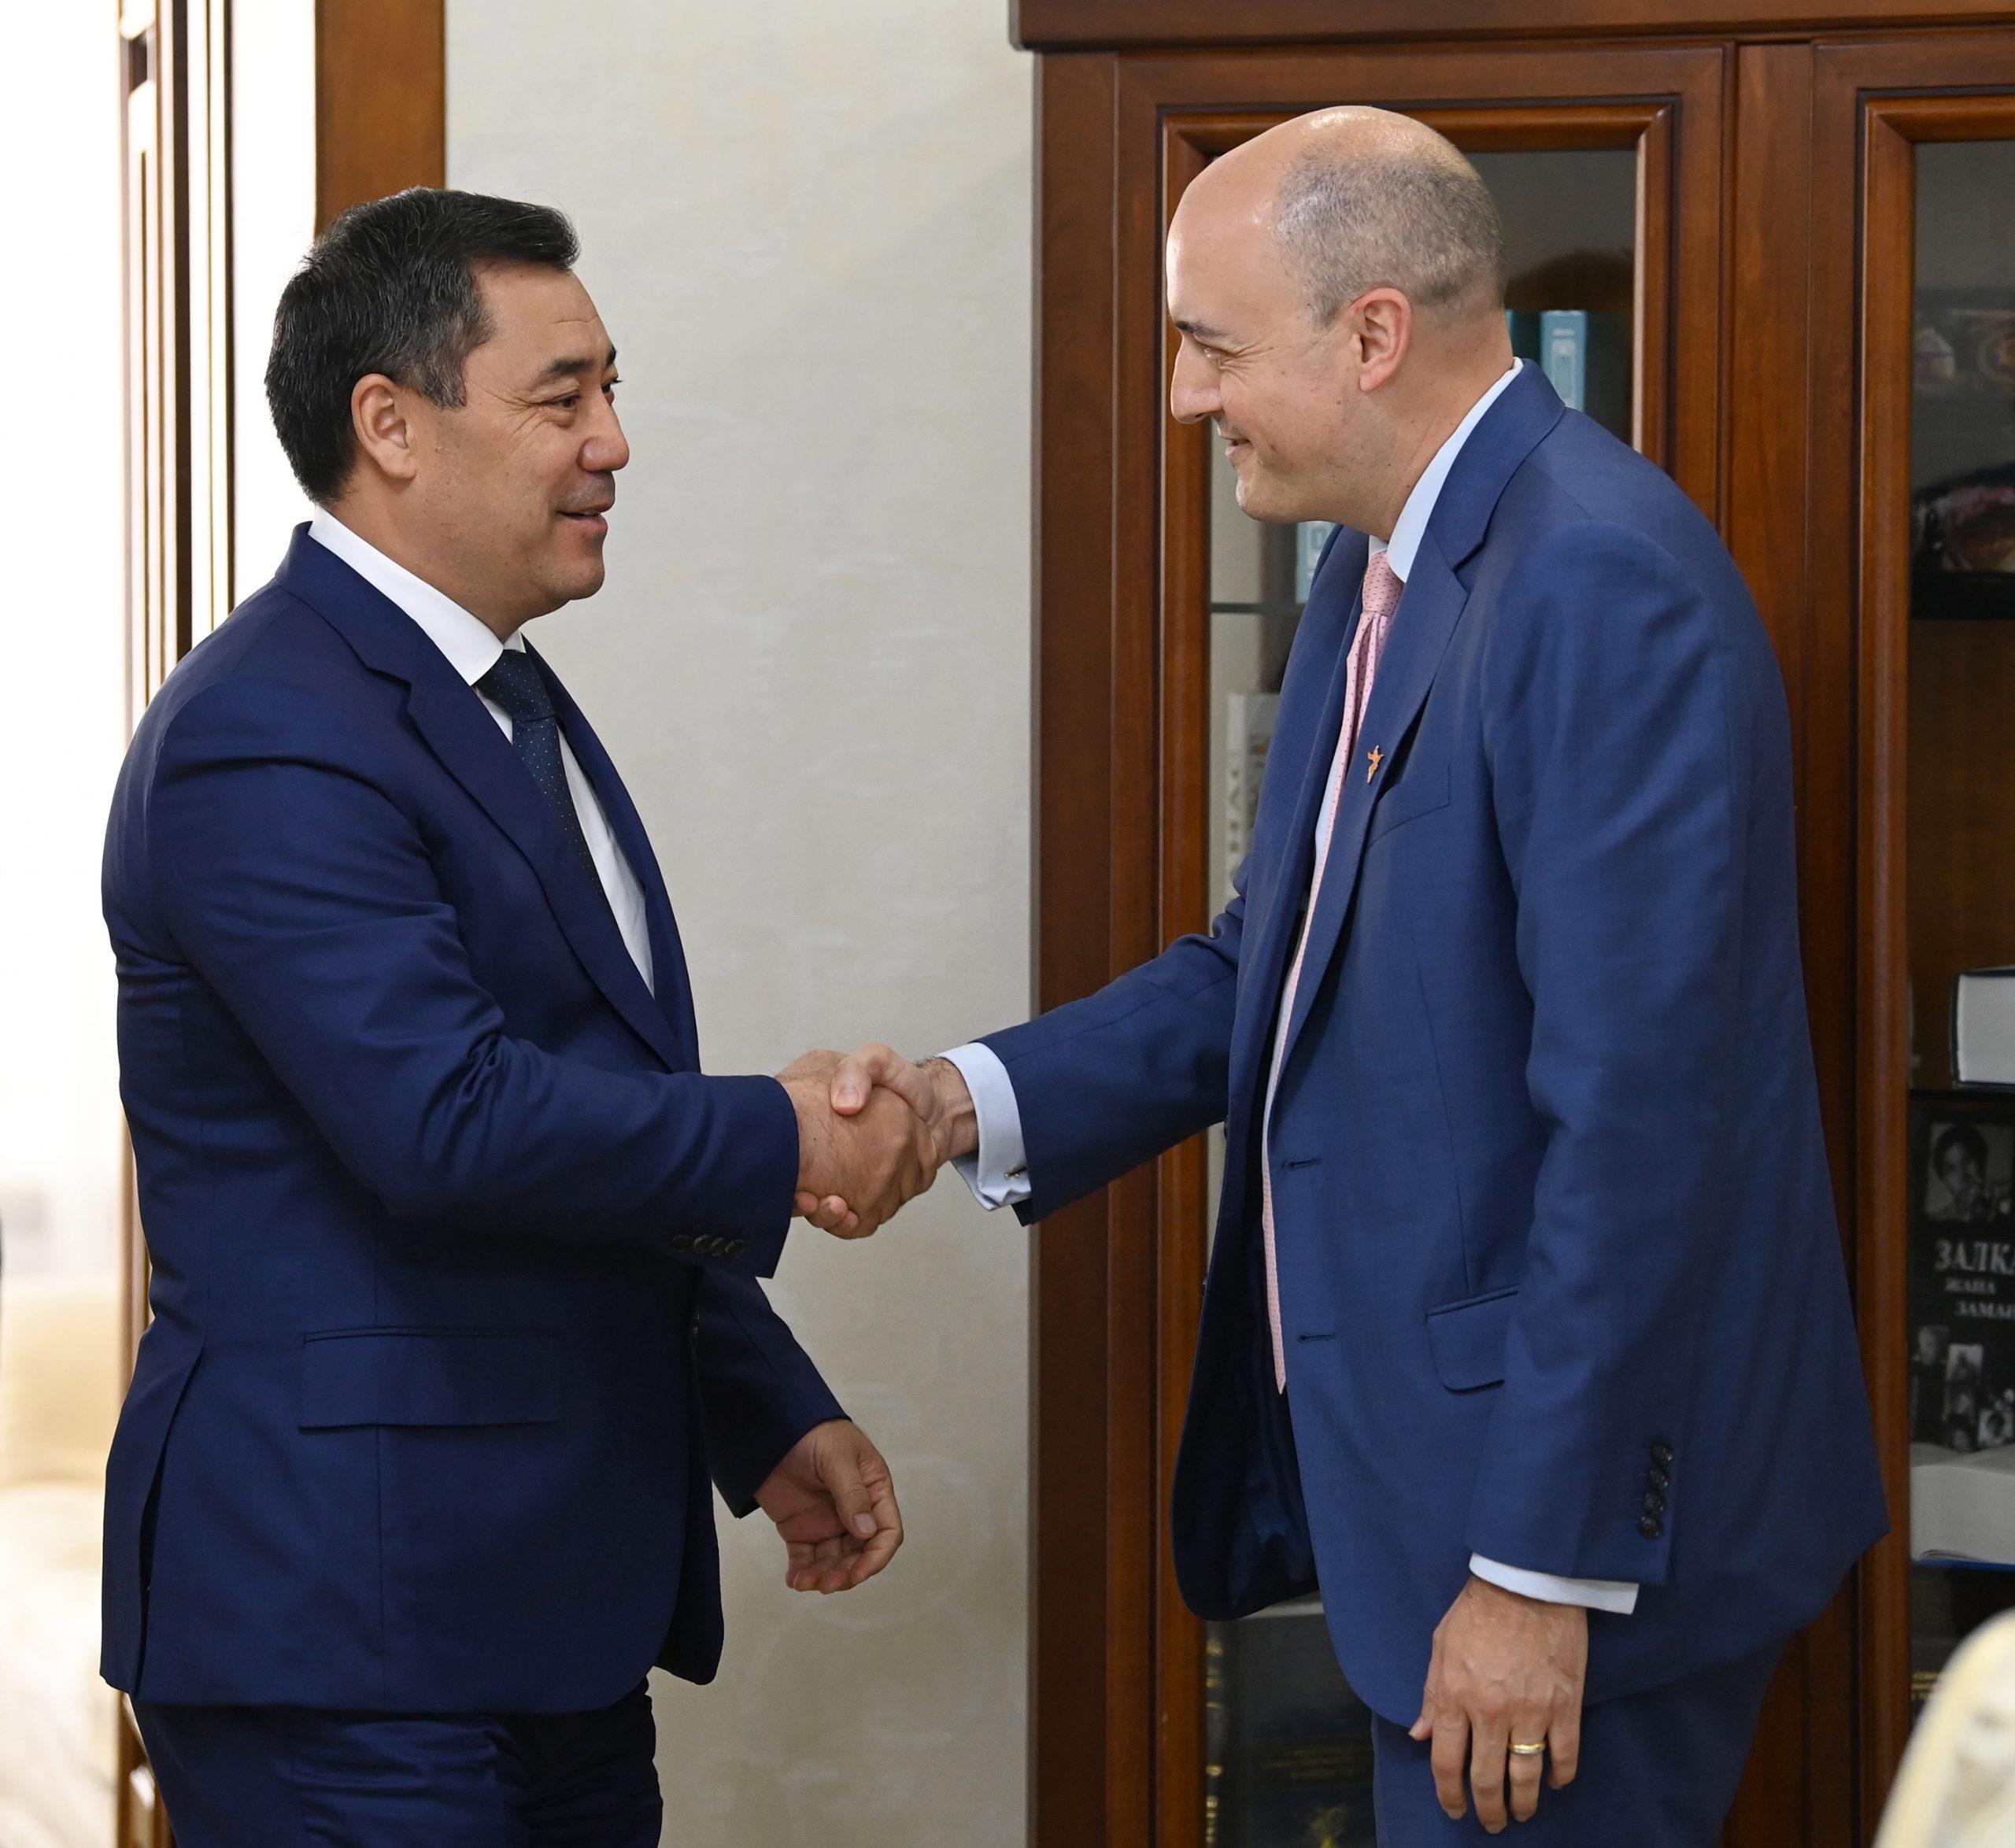 RFE/RL's Jamie Fly Visits Kyrgyzstan